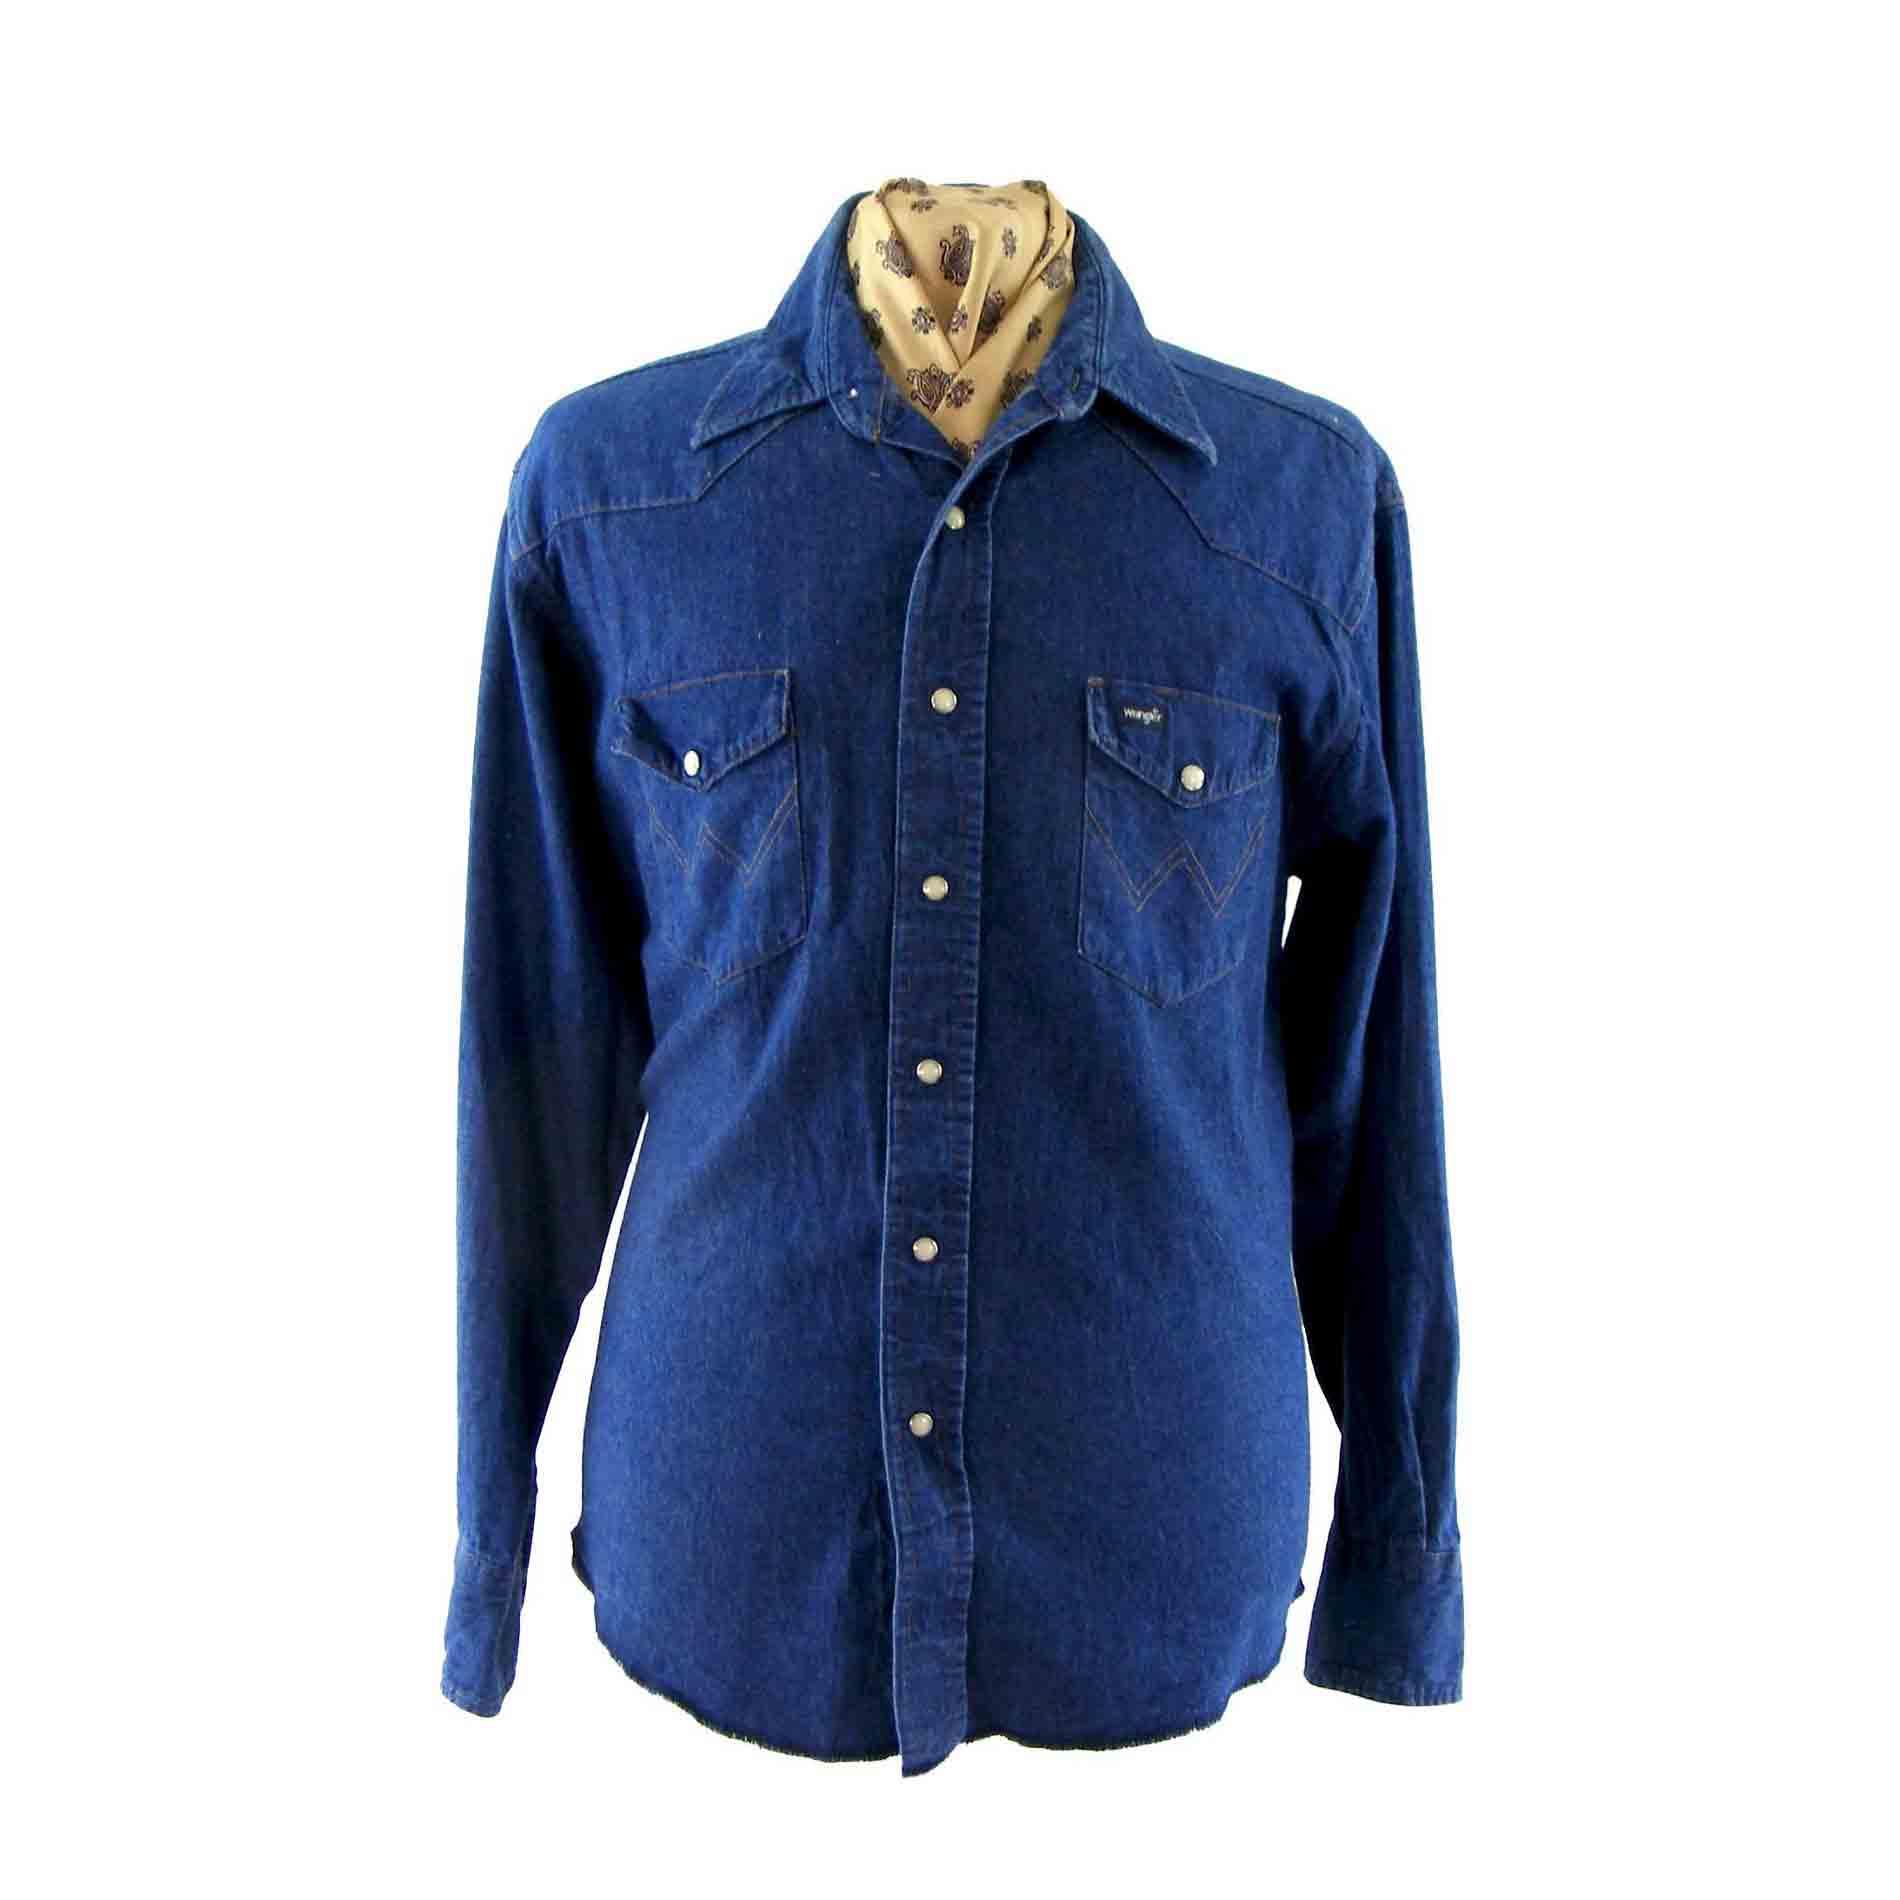 Wrangler blue denim shirt vintage clothing blue 17 for Wrangler denim shirts uk